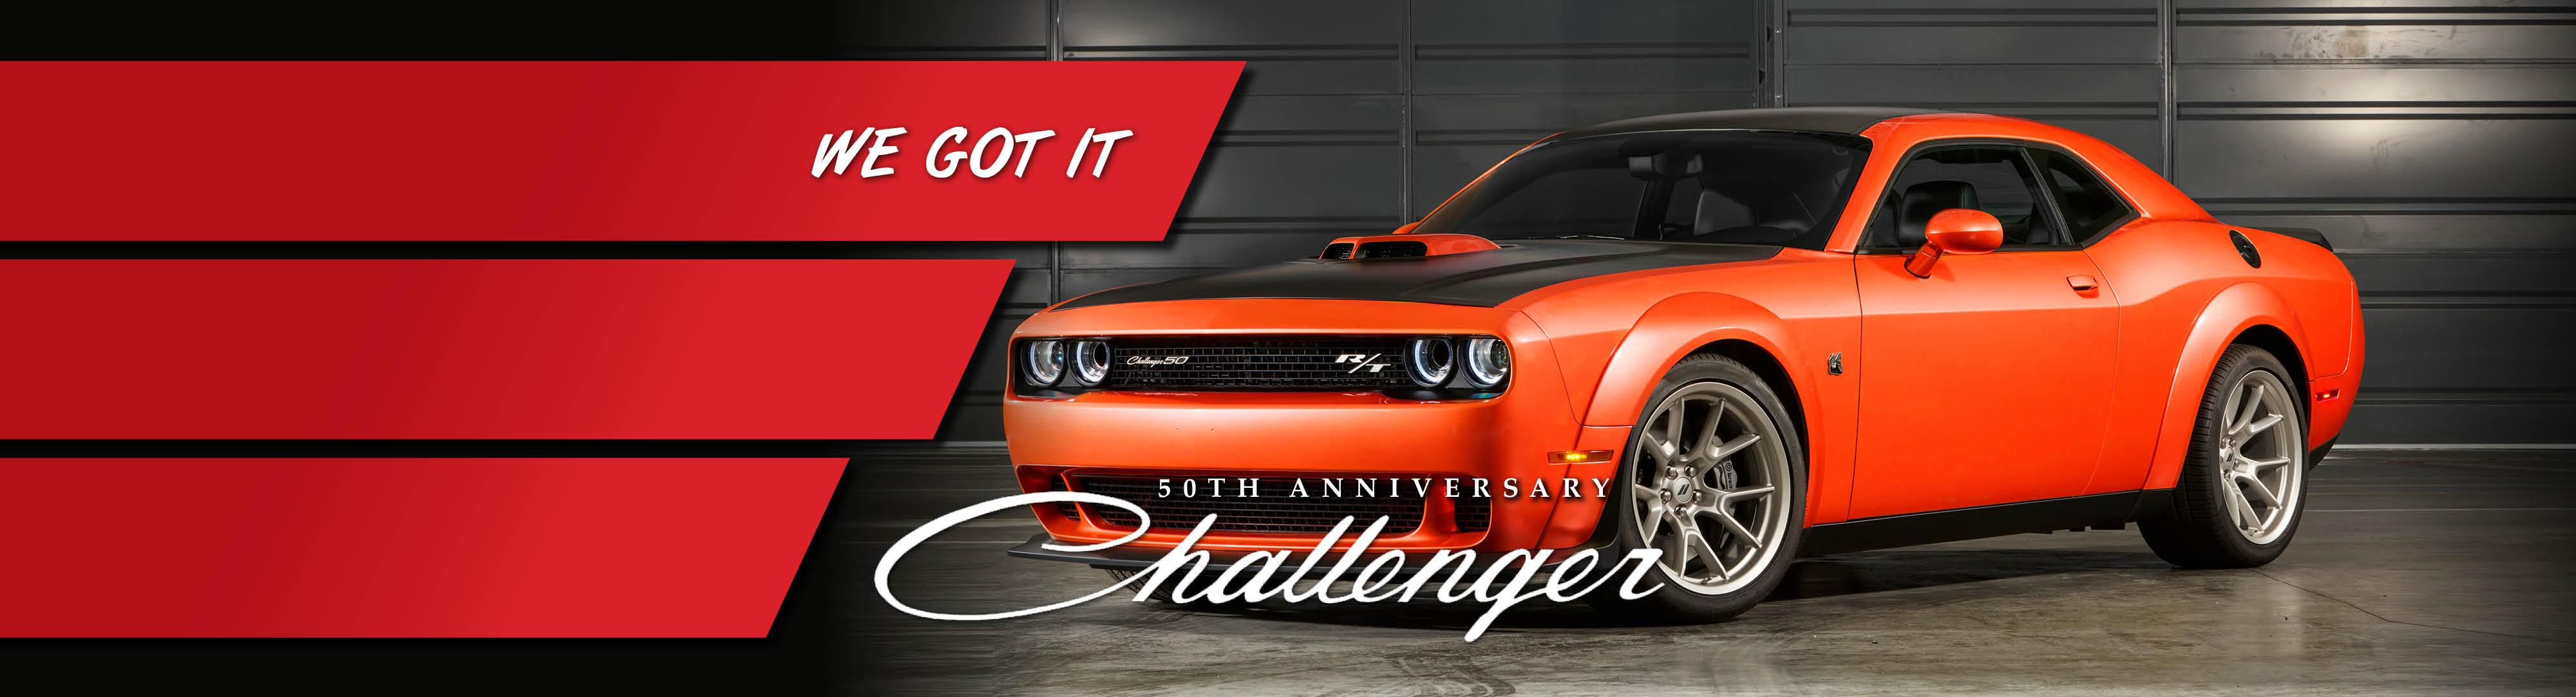 50th Anniversary Edition Challenger Ponoka Chrysler Jeep Dodge